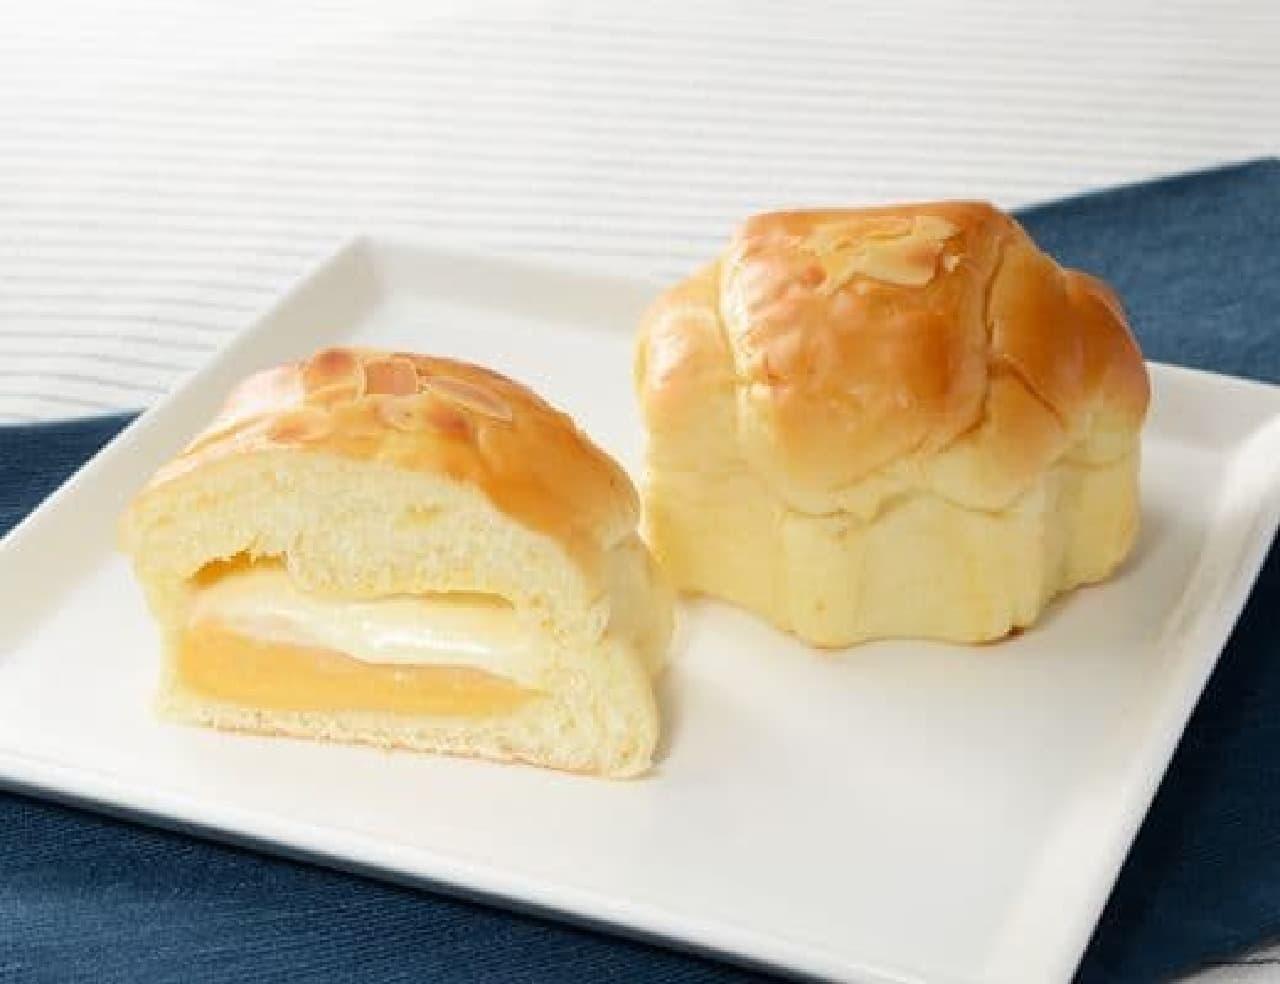 ローソン「ブリオッシュクリームパン」